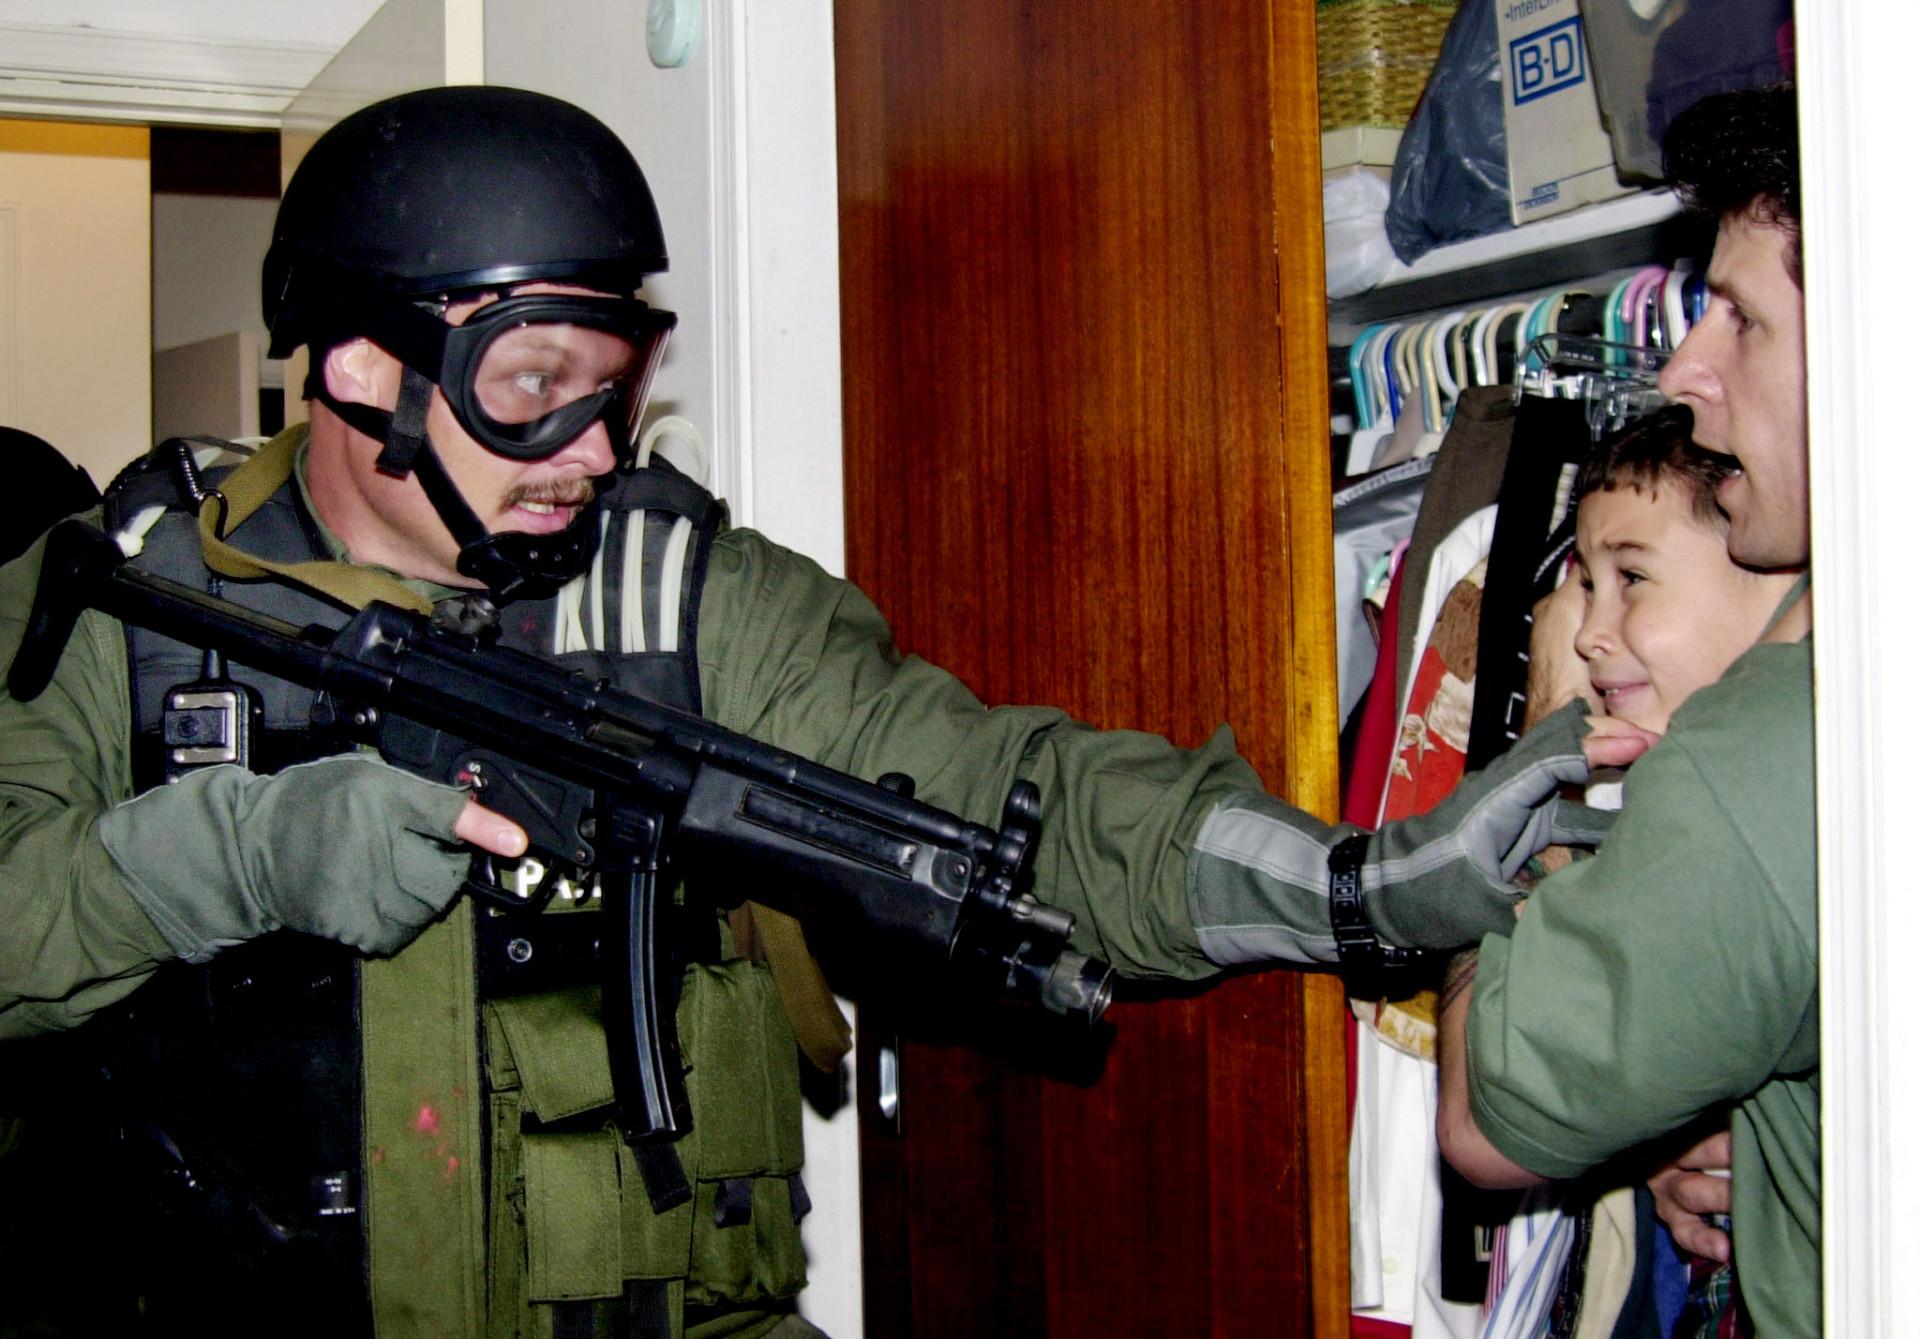 Morreu Alan Diaz, fotógrafo que captou icónica imagem do menino Elian